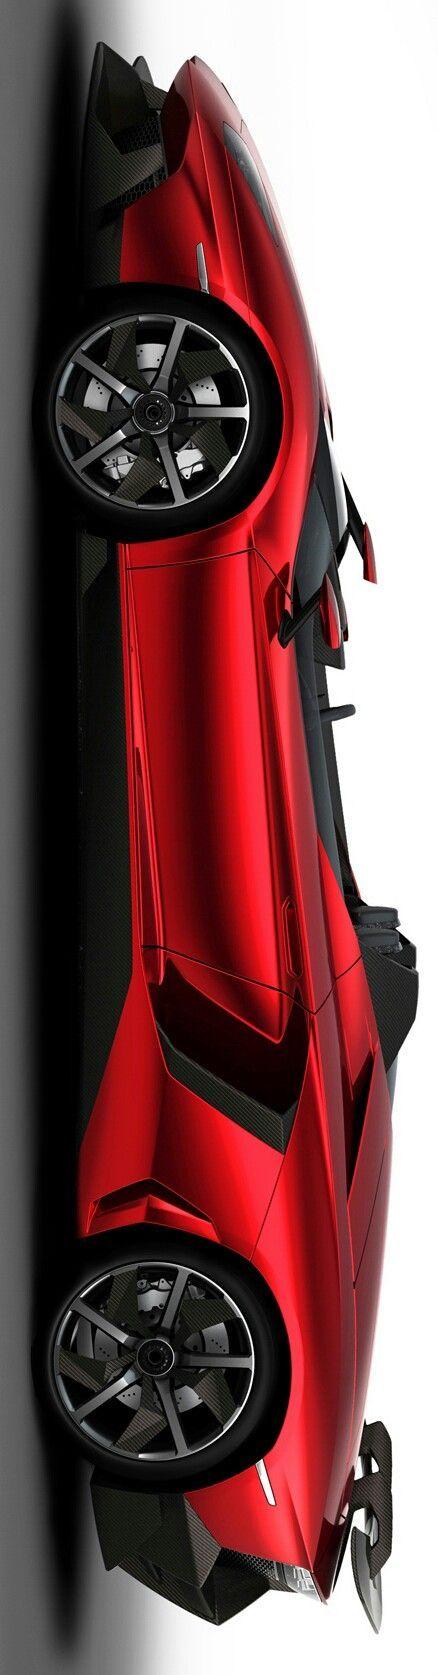 Lamborghini Aventador J by Levon